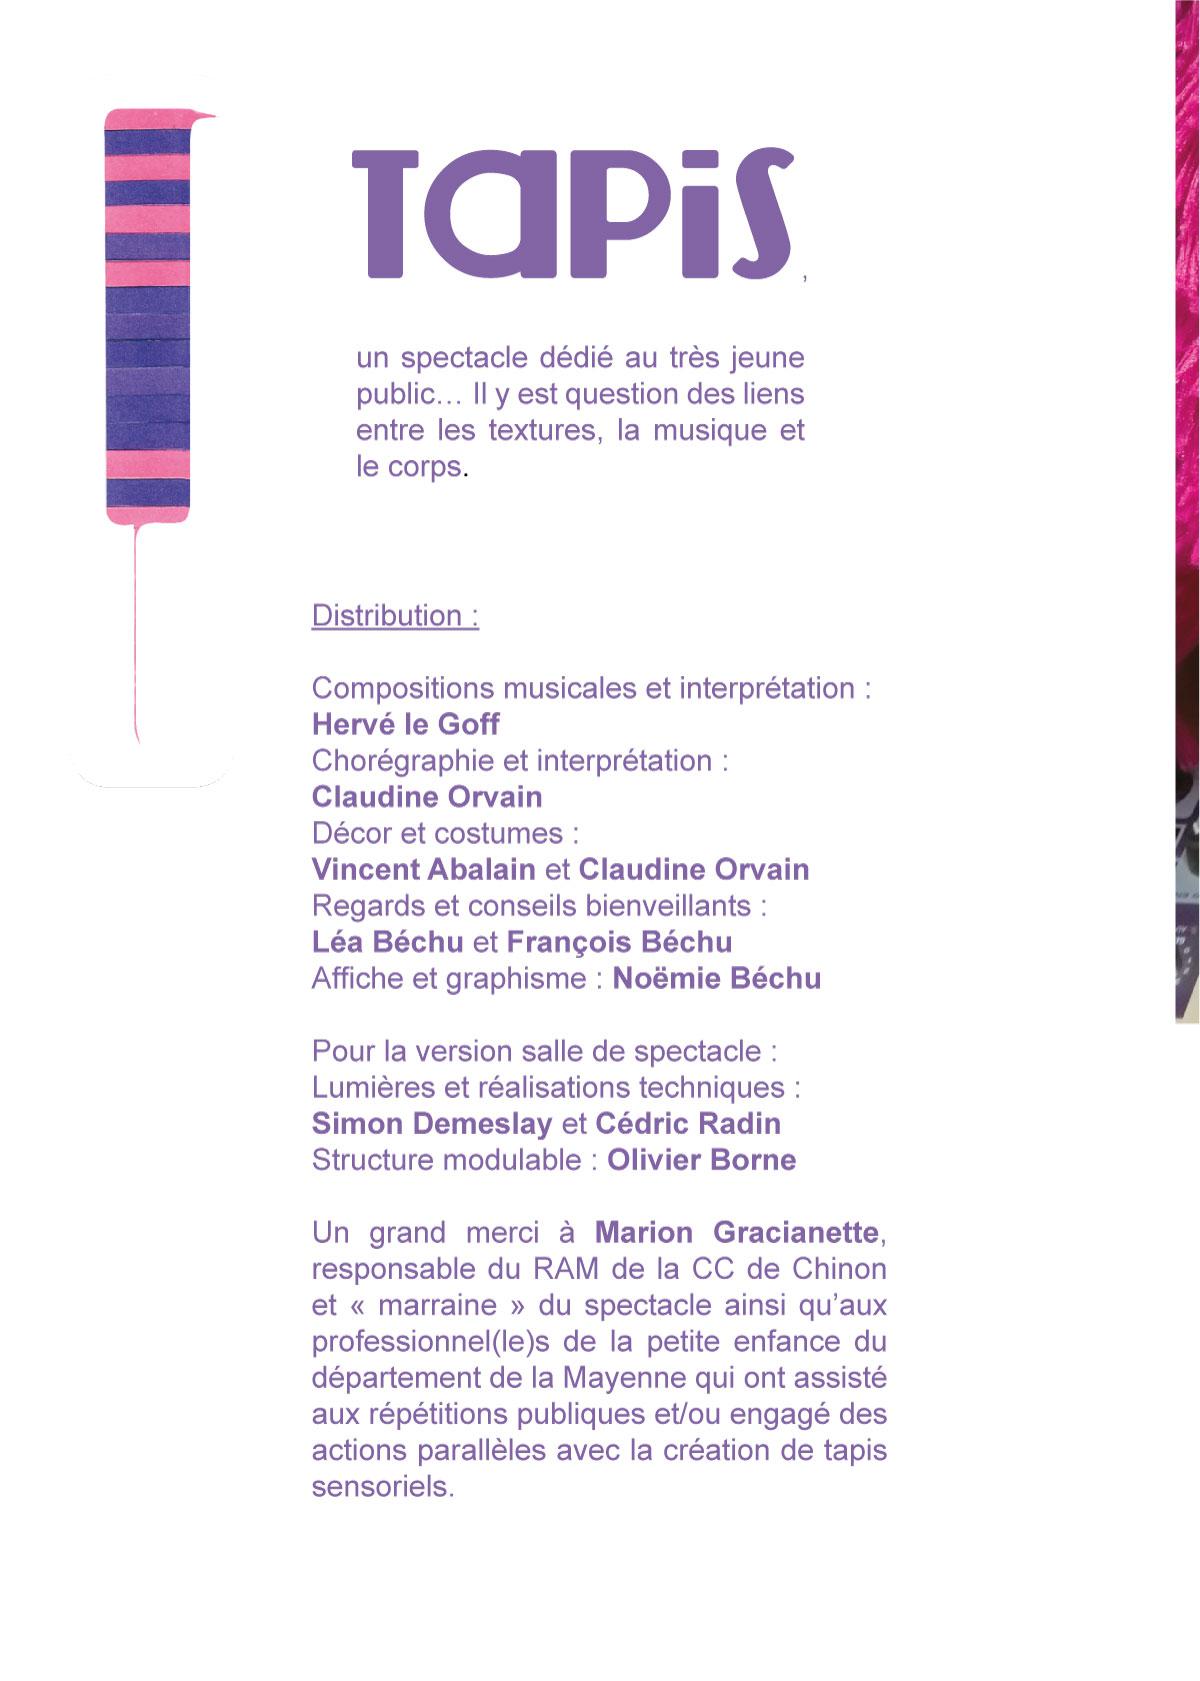 Tapis-Plaquette-1